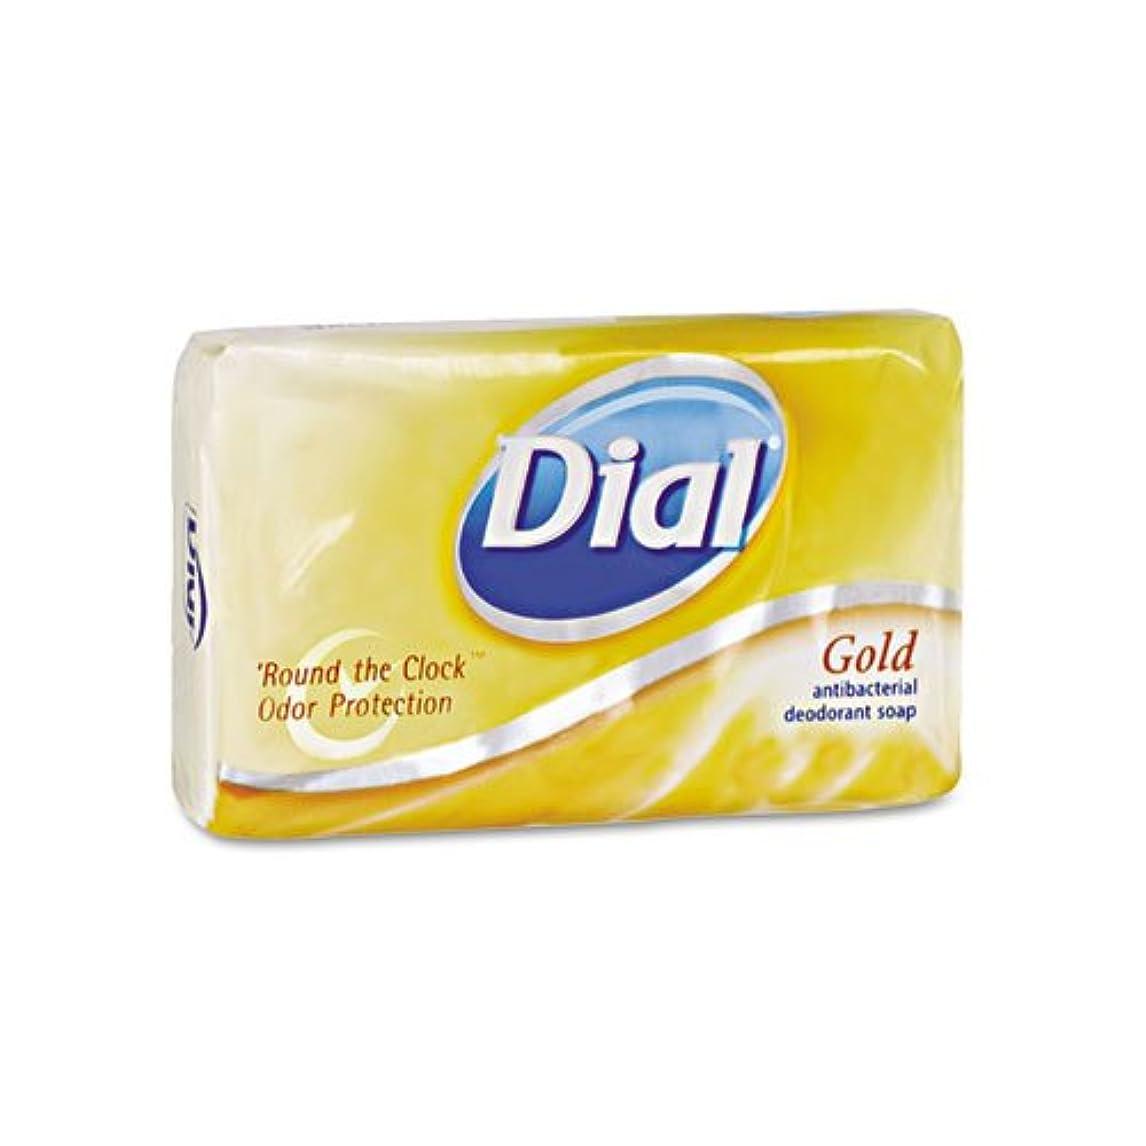 ビデオプレビュータイプライターダイヤル& # xFFFD ;抗菌Deodorant Bar Soap、個別包装、ゴールド、4オンス